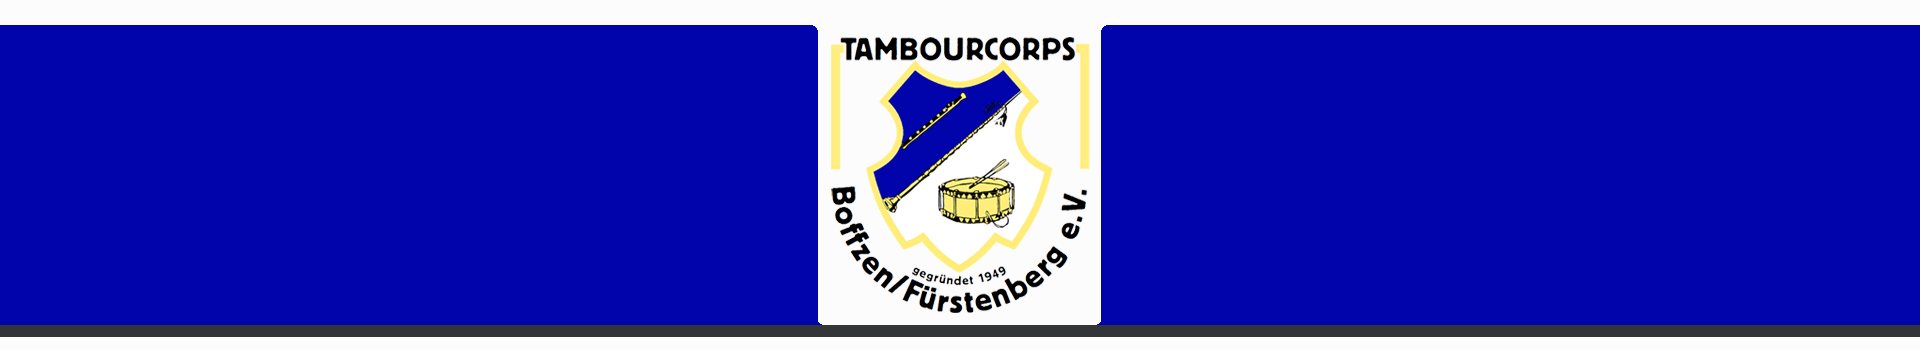 © Tambourcorps Boffzen / Fürstenberg von 1949 e.V.